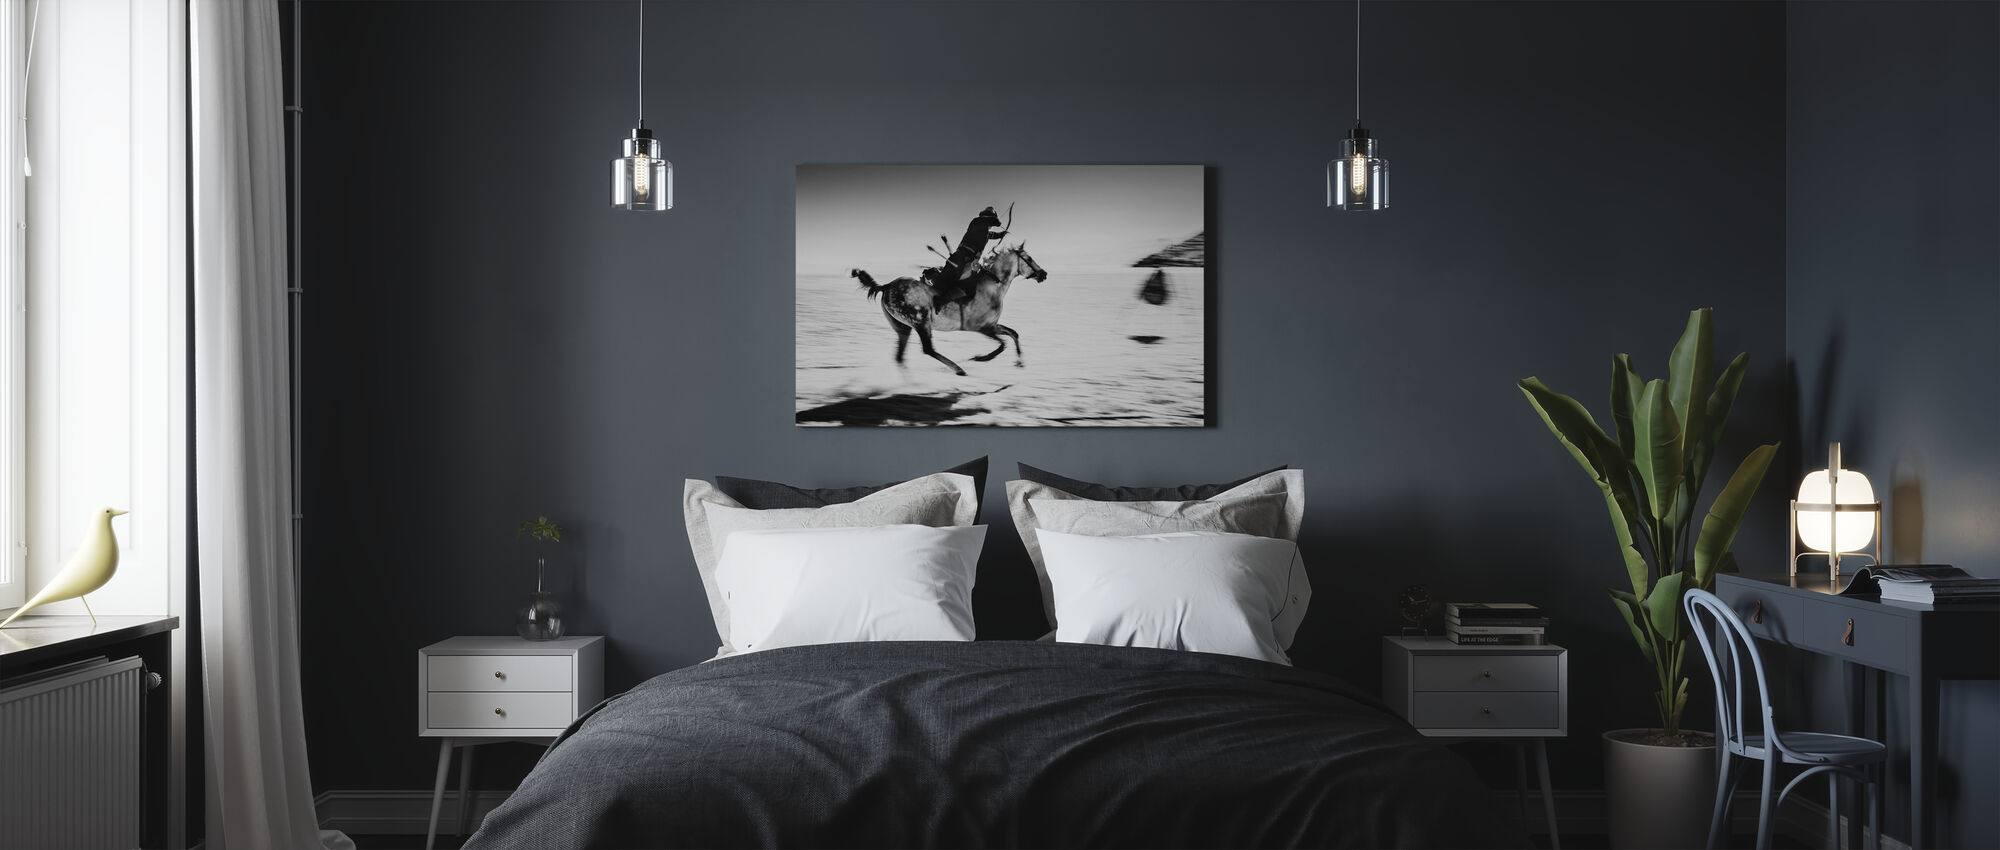 Cheval Galopping et Bowman, noir et blanc - Impression sur toile - Chambre